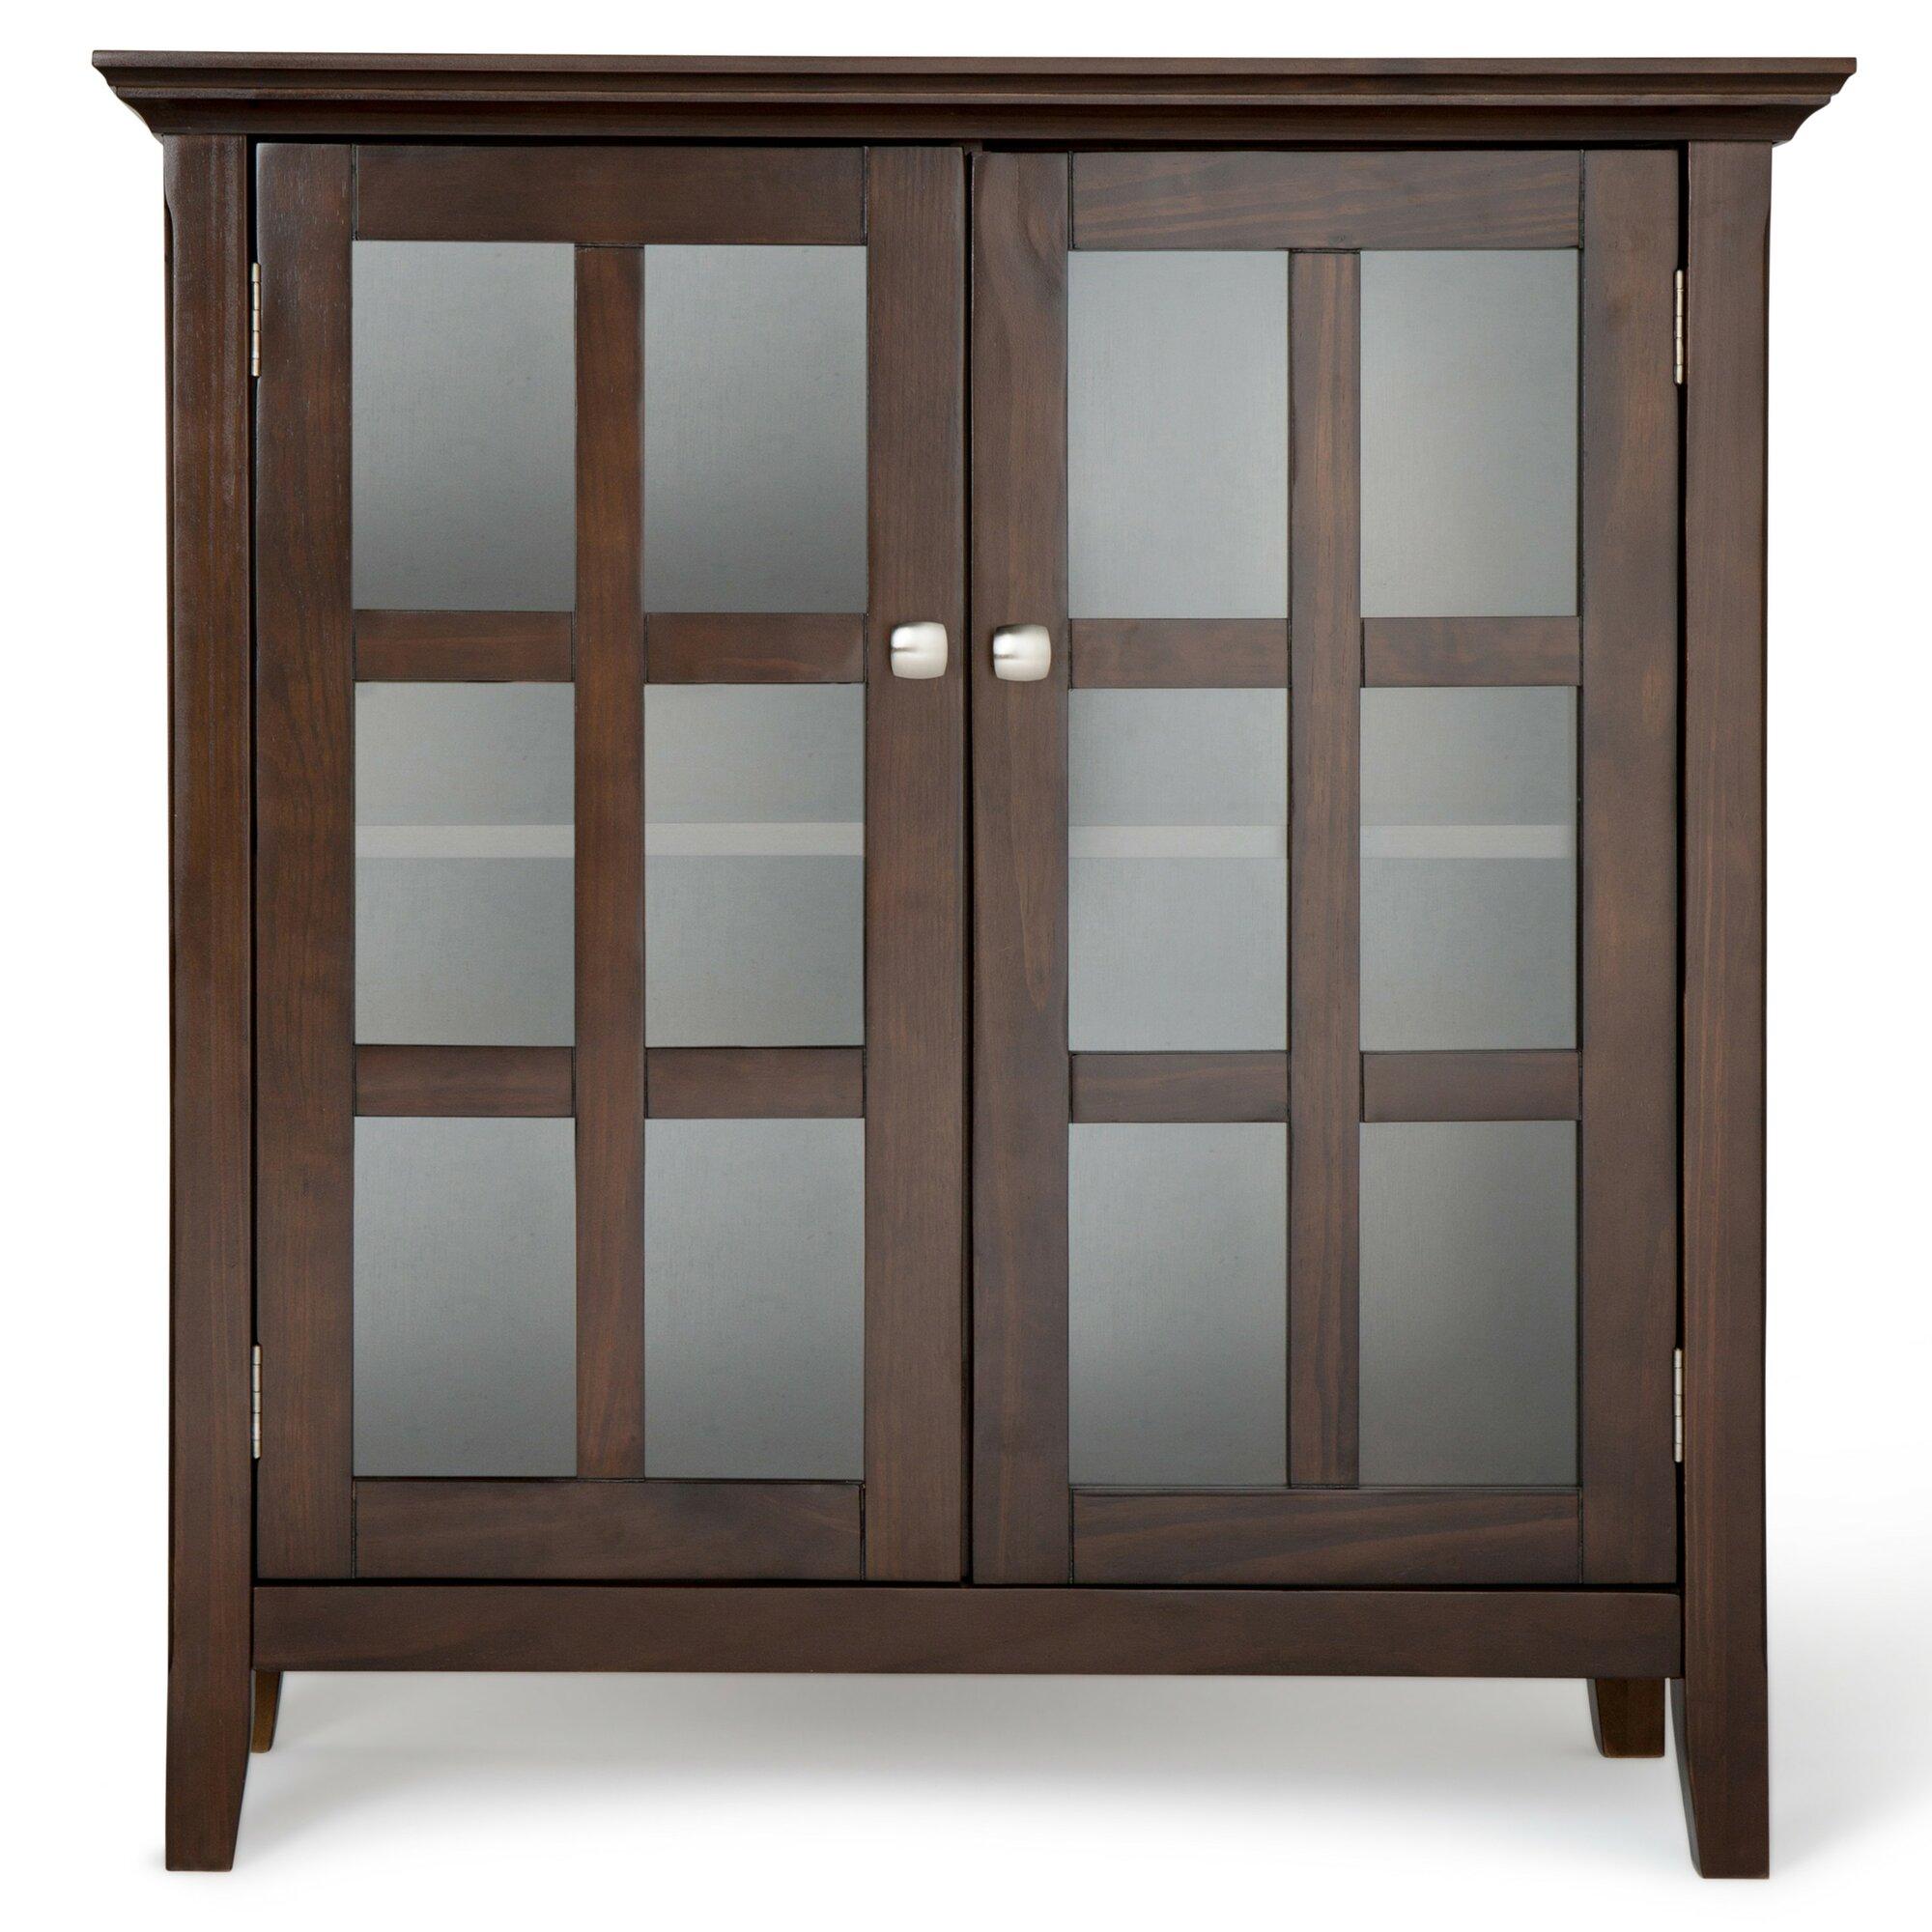 Acadian 2 Door Storage Cabinet Reviews Birch Lane